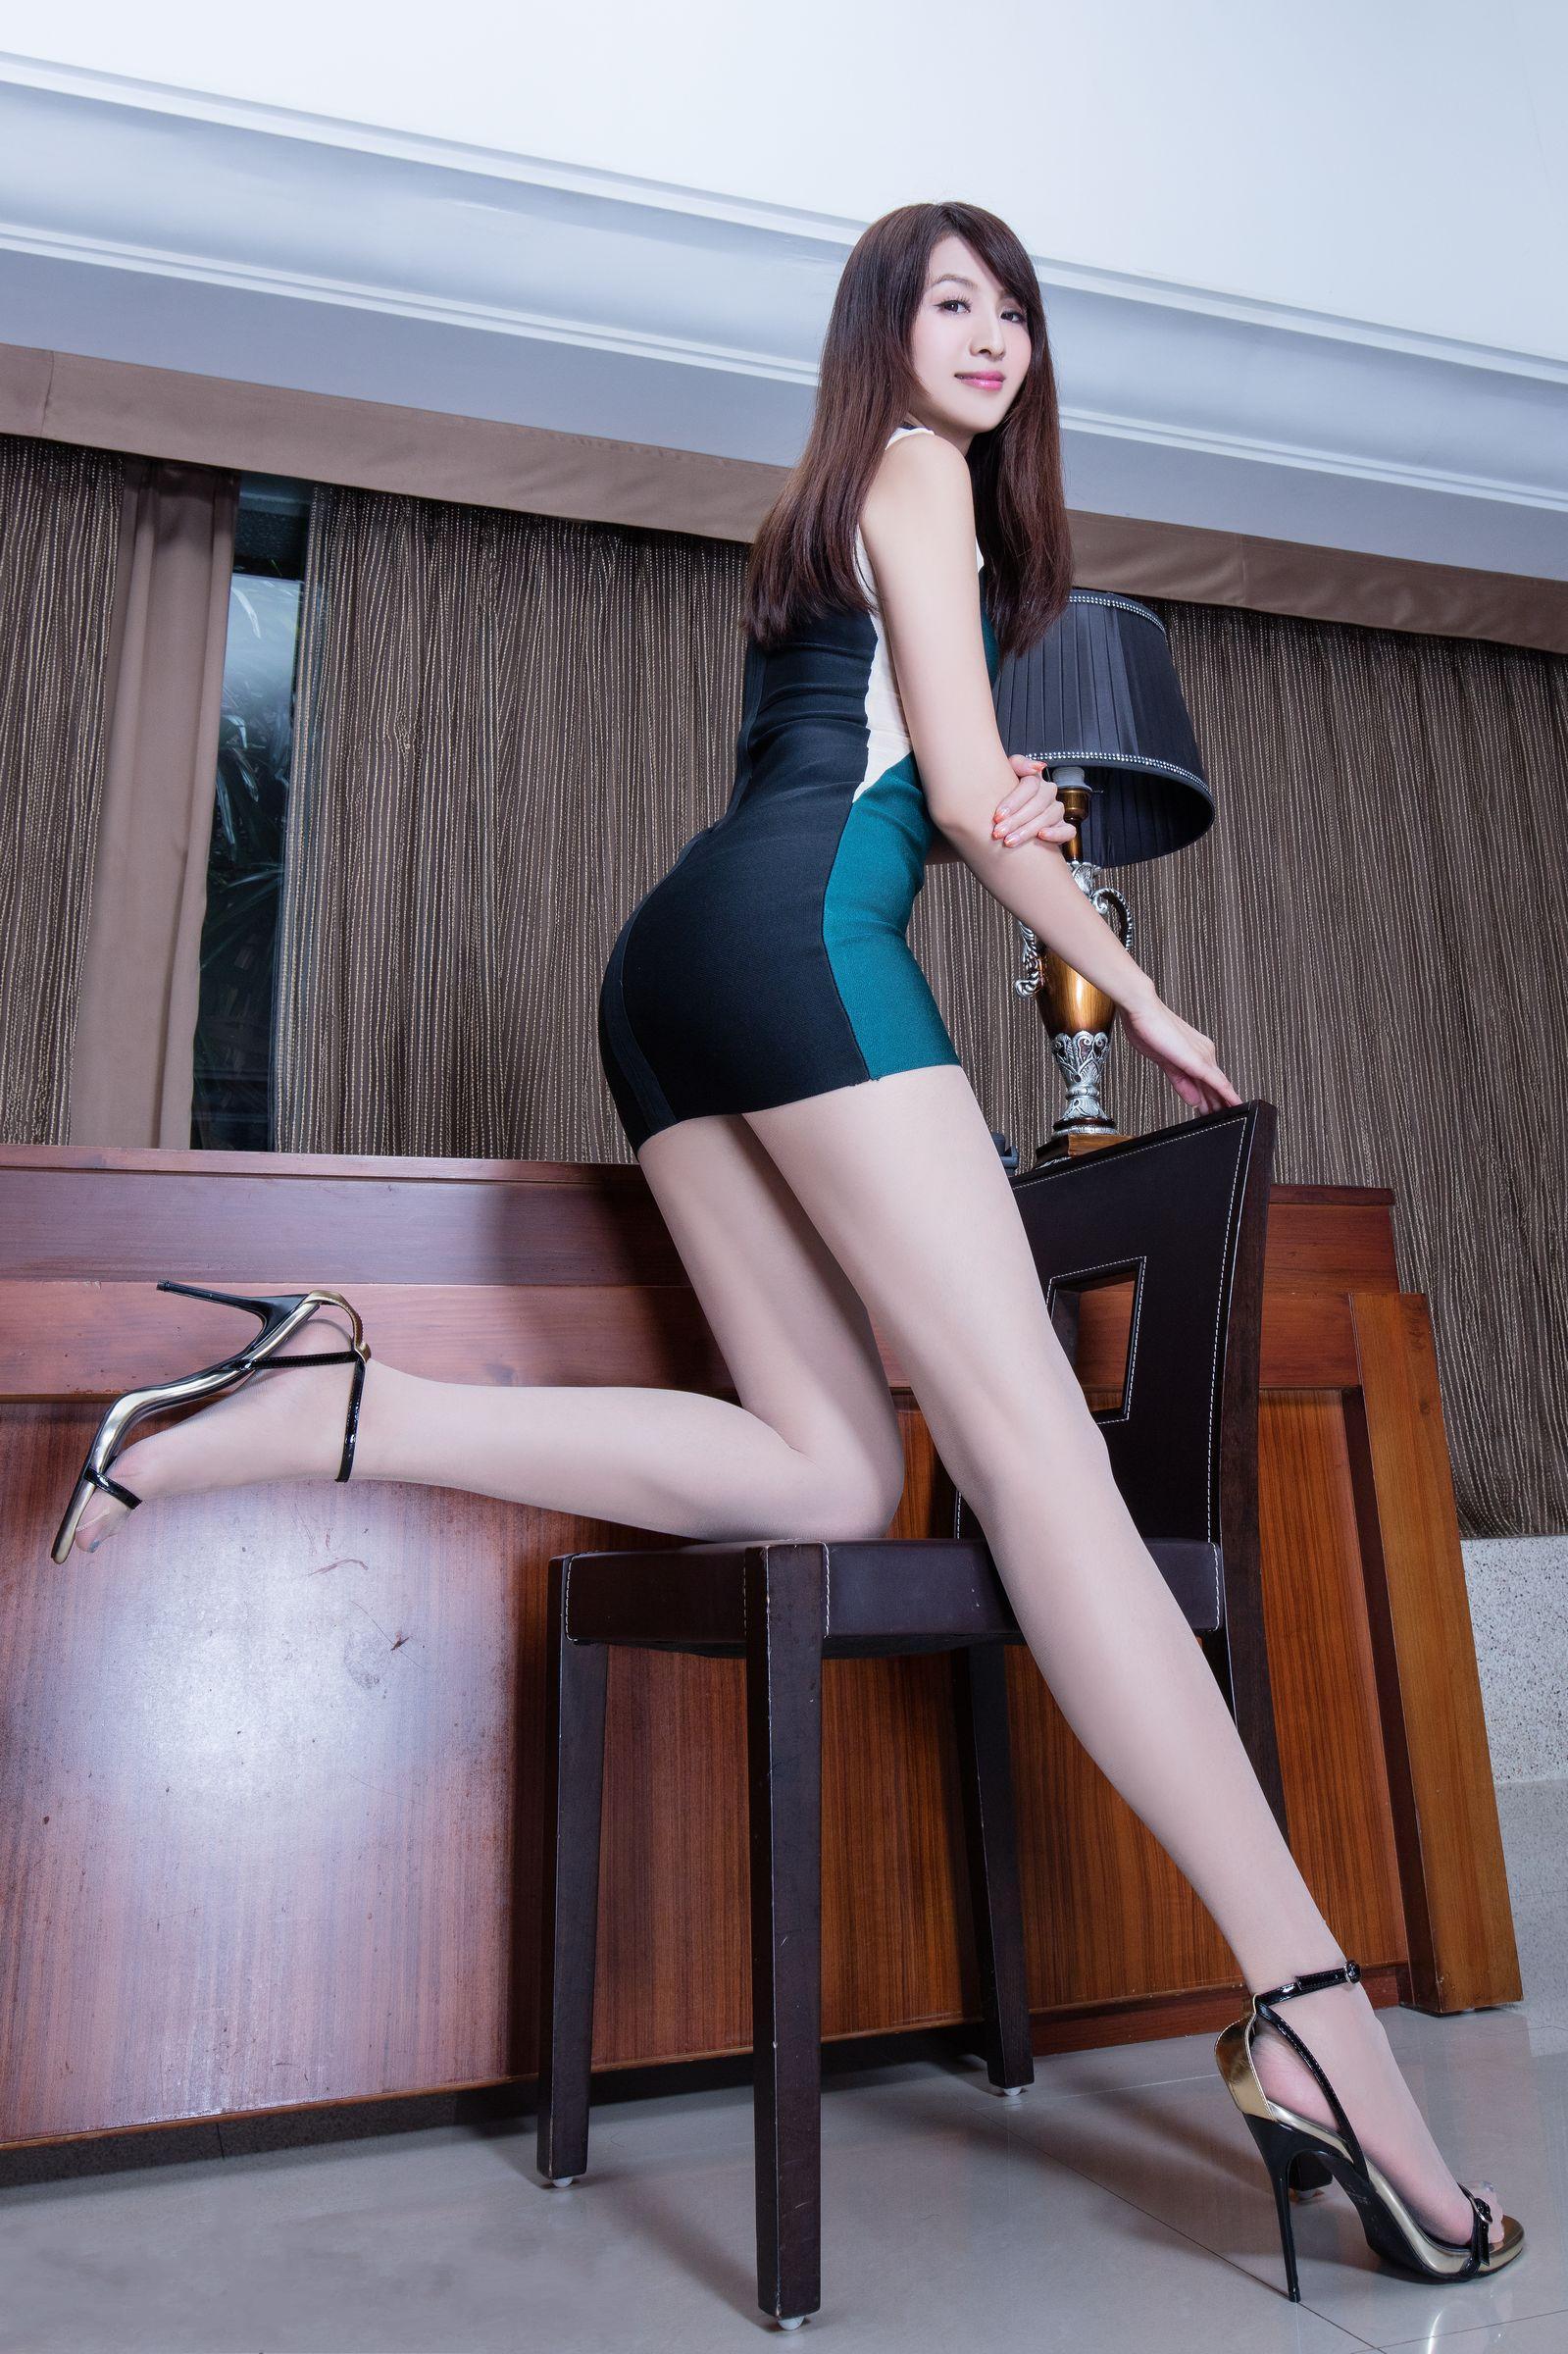 爱秀美腿秀Vicni1 - 花開有聲 - 花開有聲